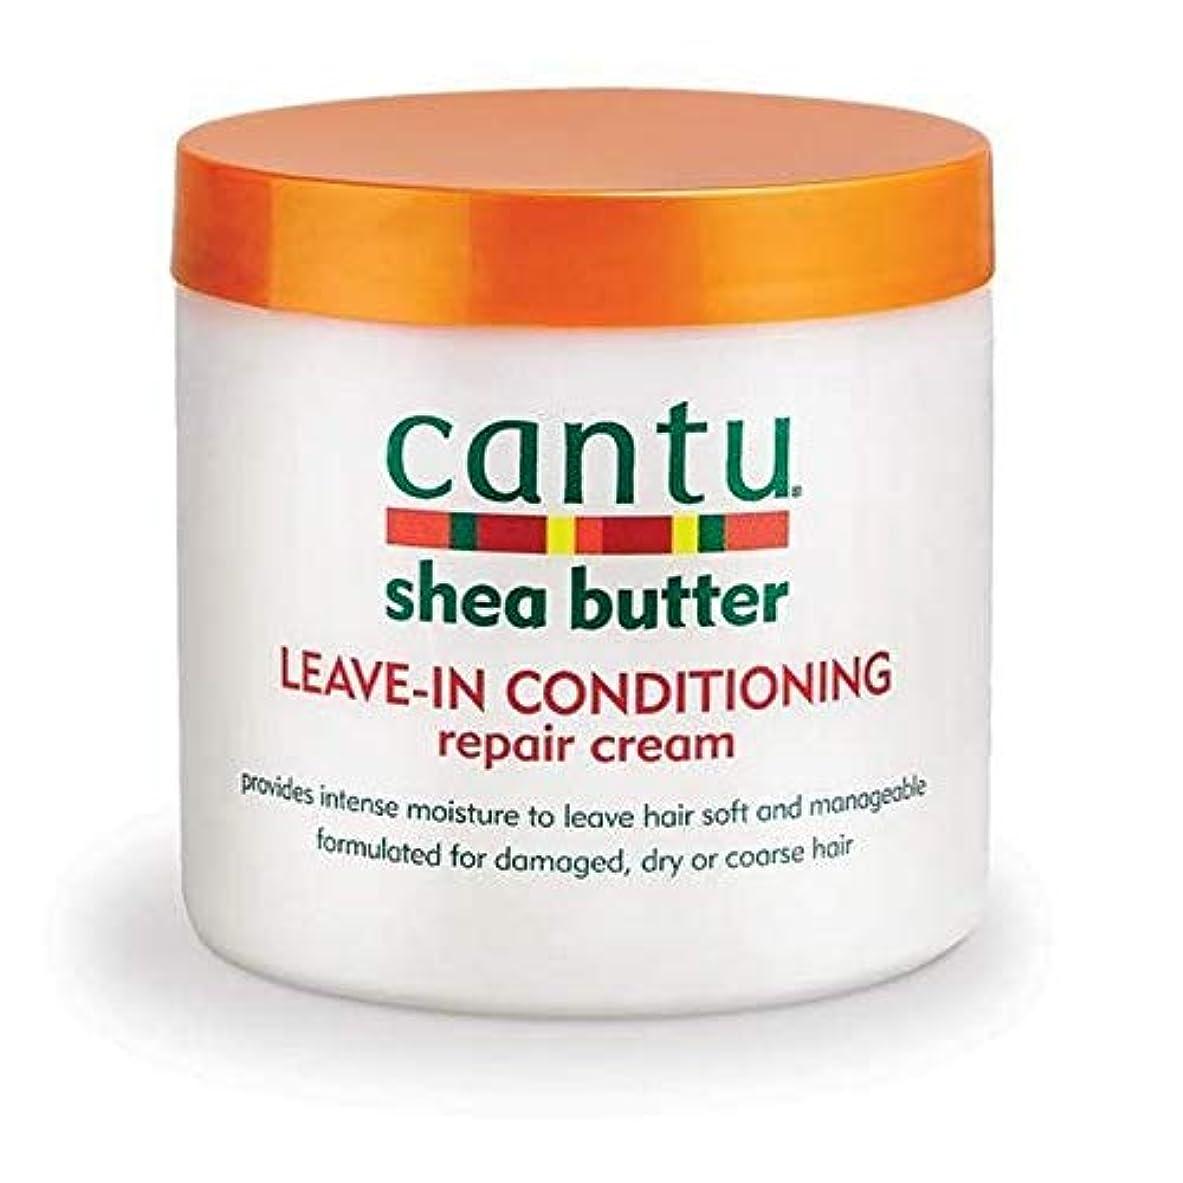 絡まる不完全同種の[Cantu ] エアコン修理クリーム453グラムでカントゥシアバター休暇 - Cantu Shea Butter Leave in Conditioning Repair Cream 453g [並行輸入品]